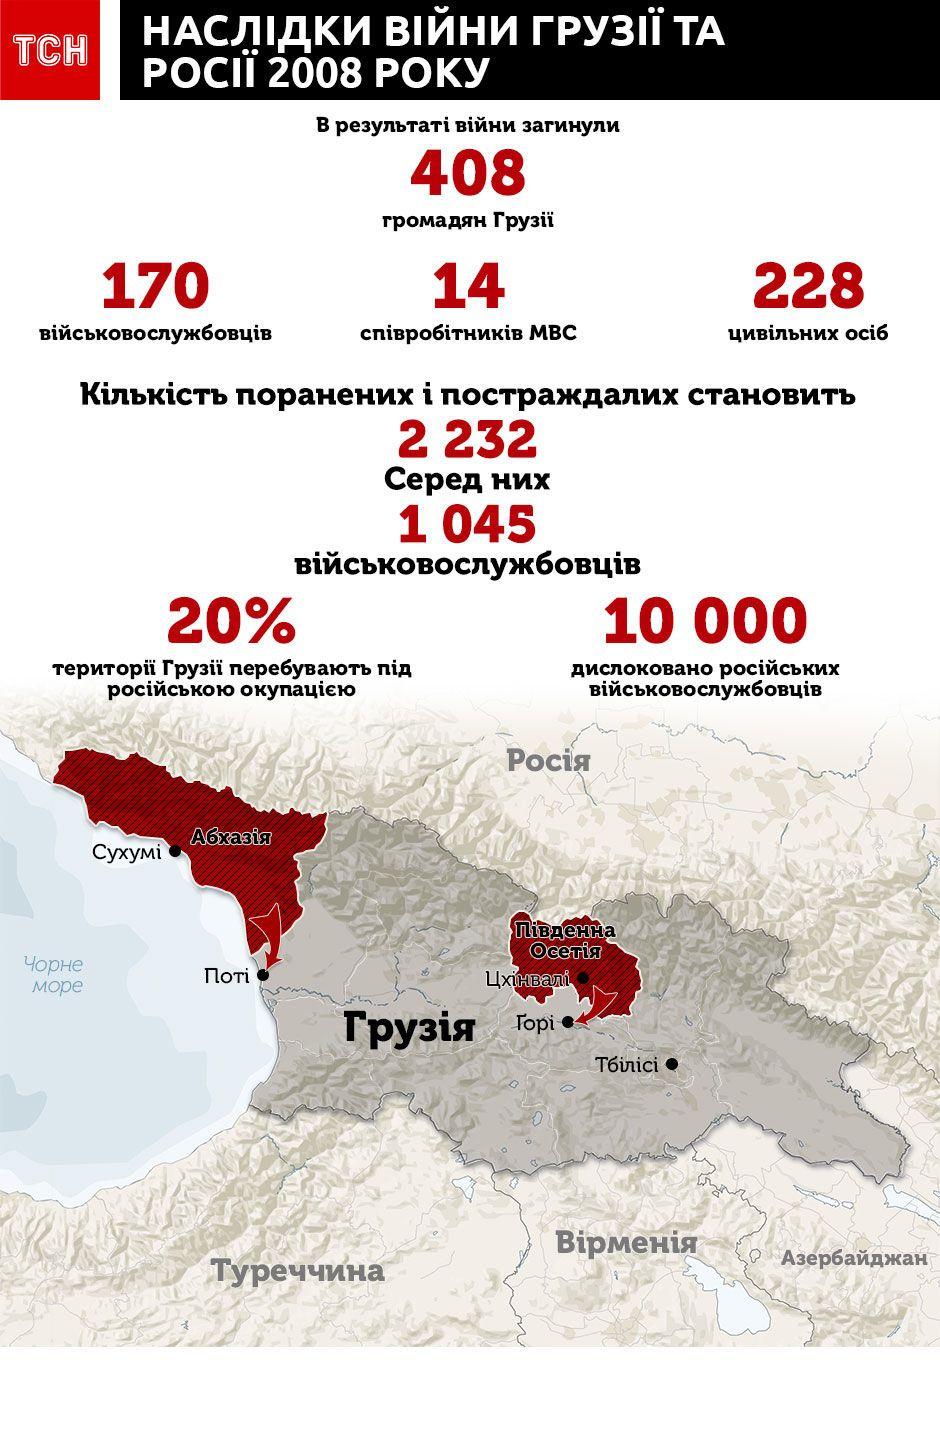 війна в грузії 2008 року інфографіка